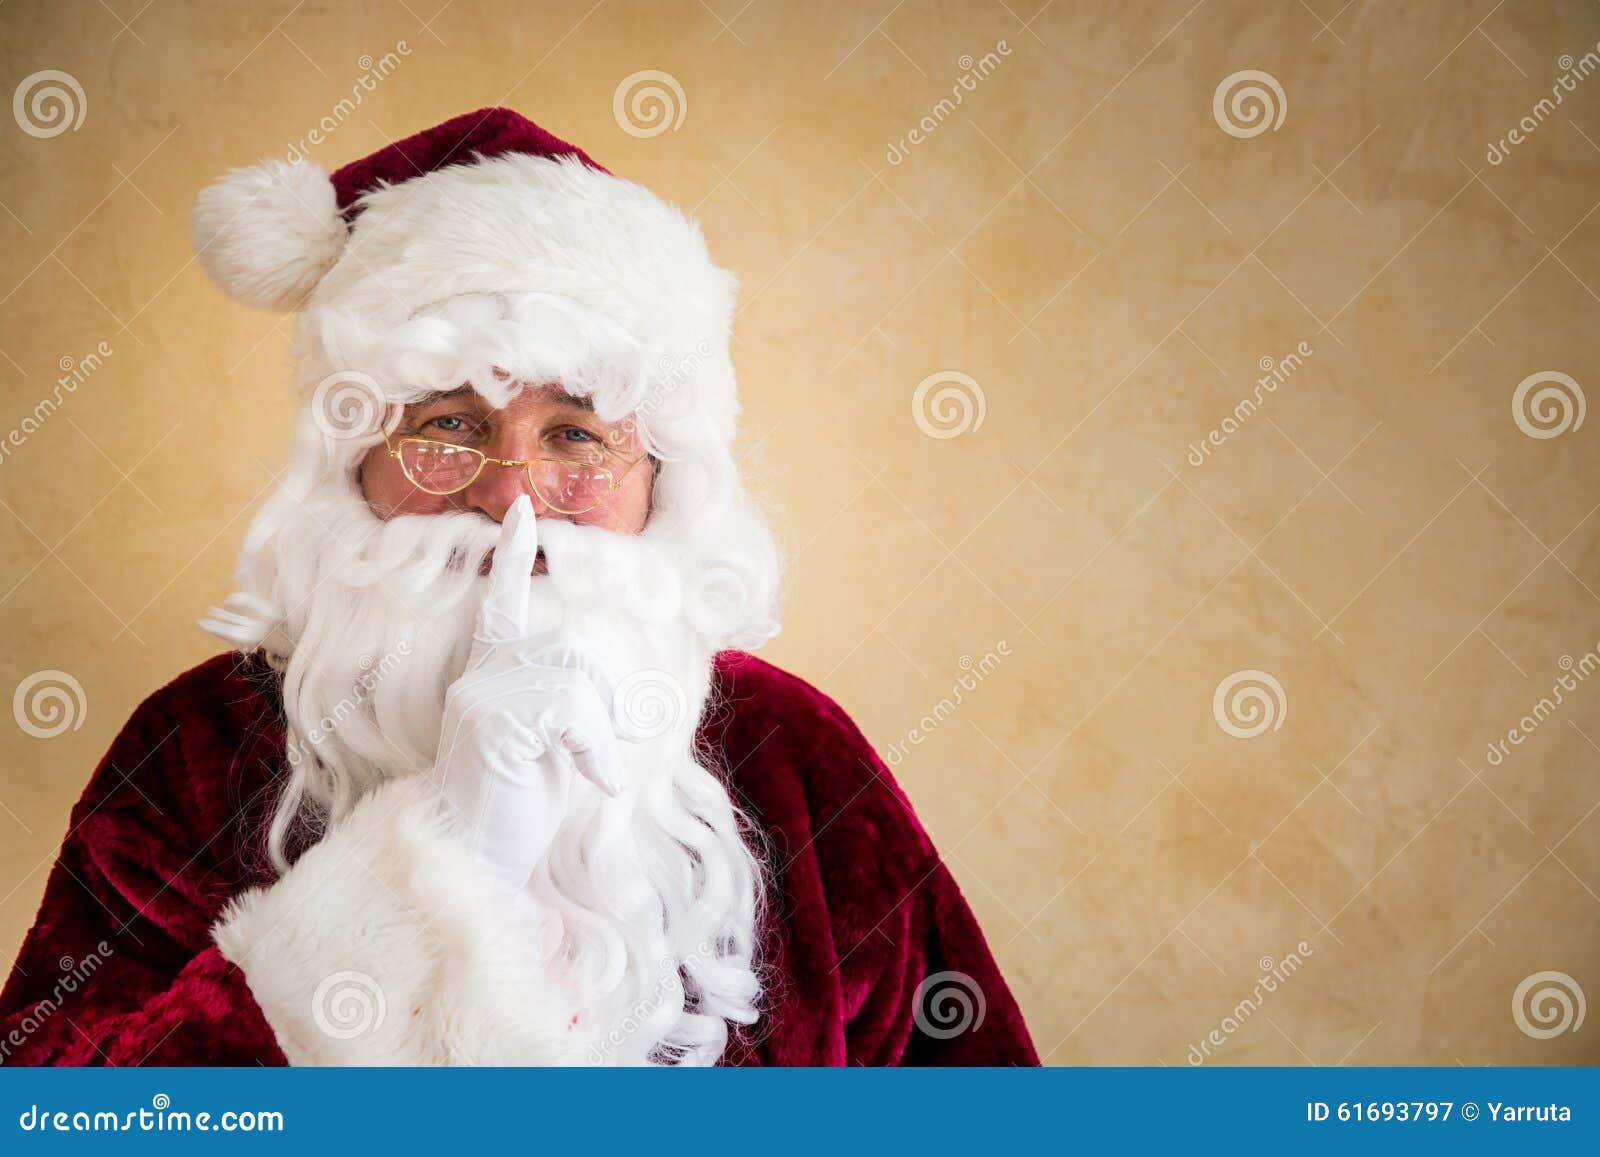 Santa Claus-geheim